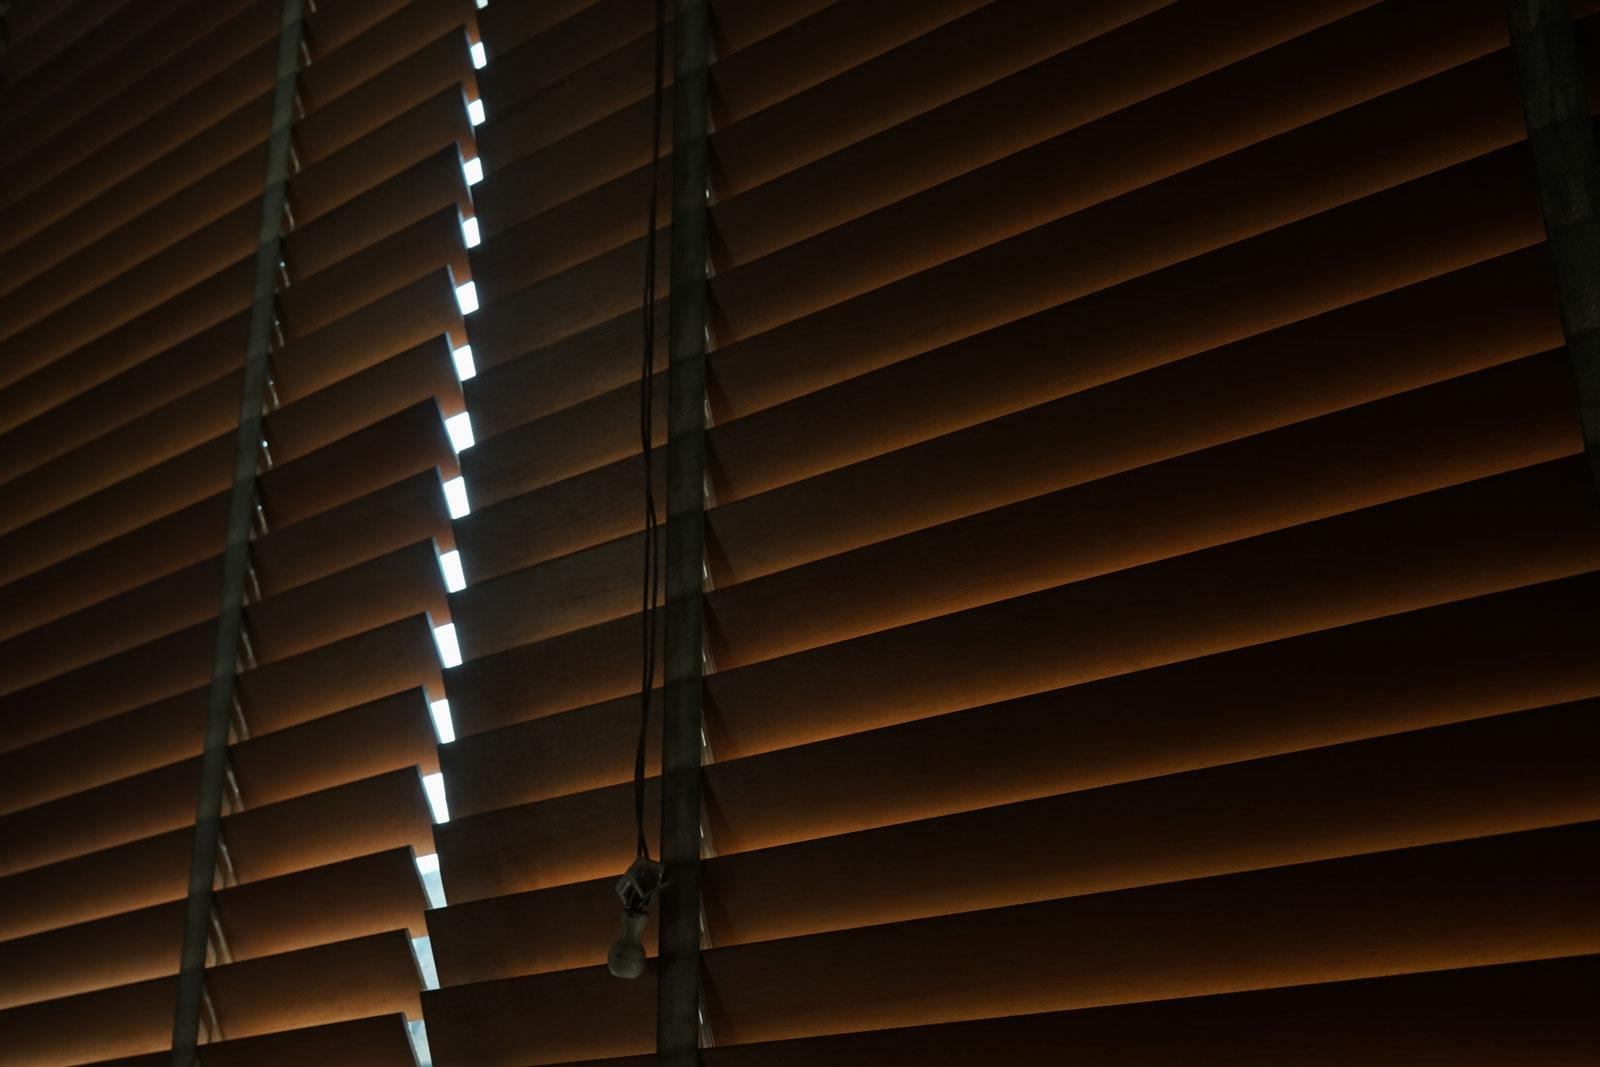 Das Licht entscheidet: Abgedunkelte Fenster verhelfen dir zu einer ruhigeren Nacht.